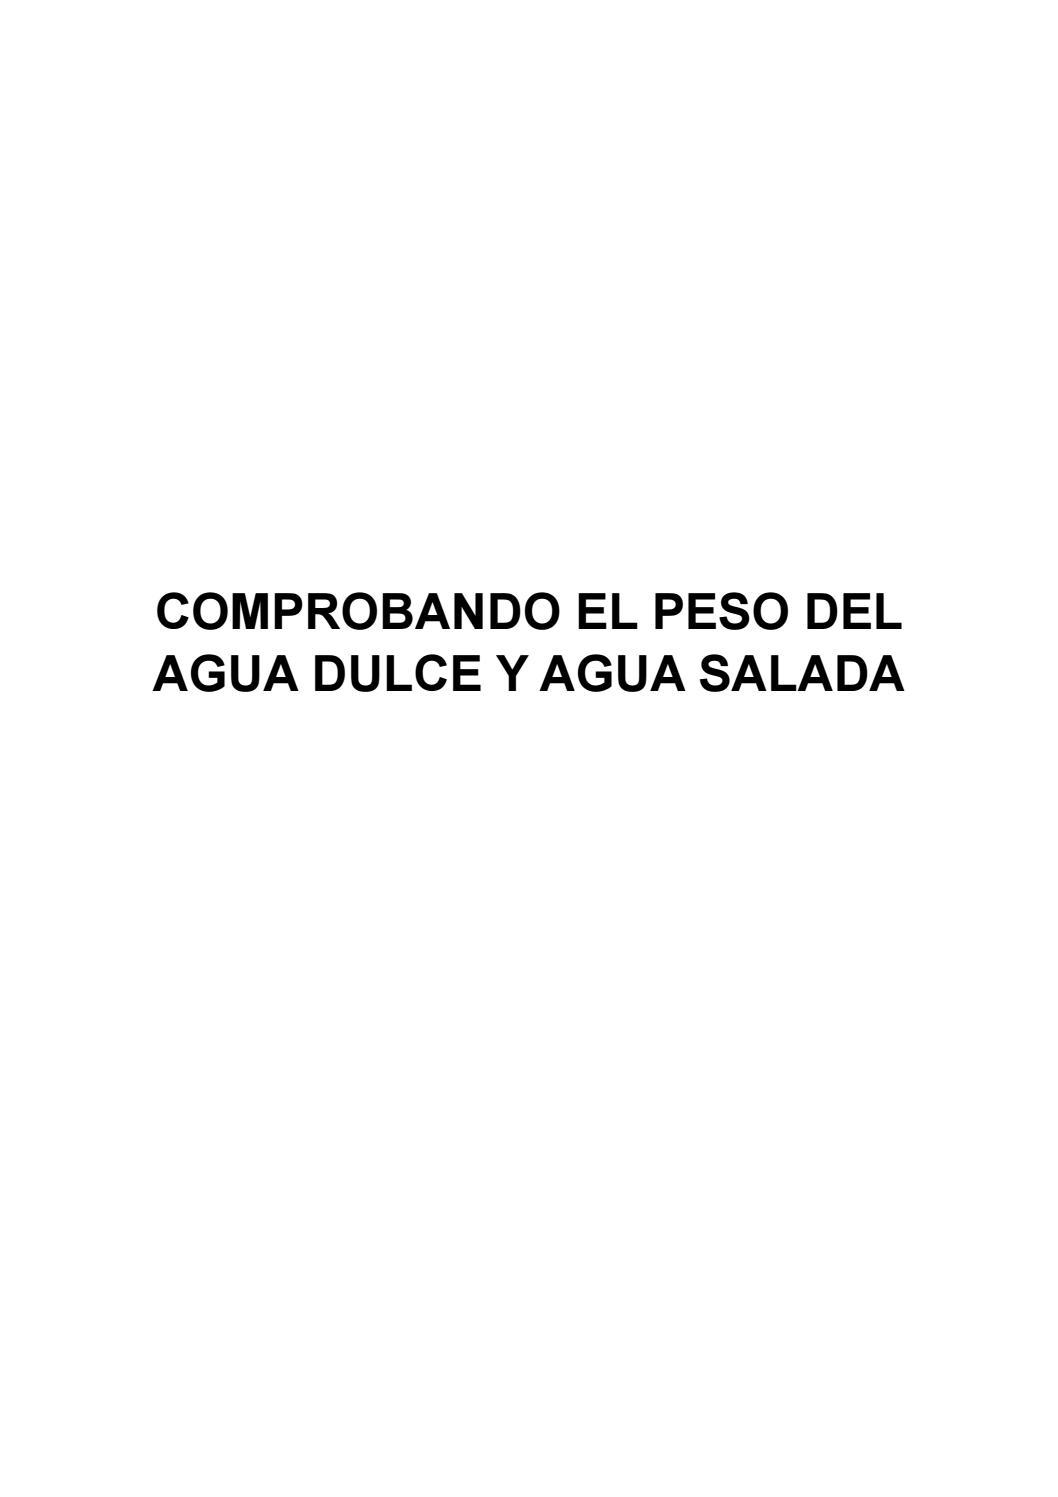 Comprobando El Peso Del Agua Dulce Y Salada By Williams